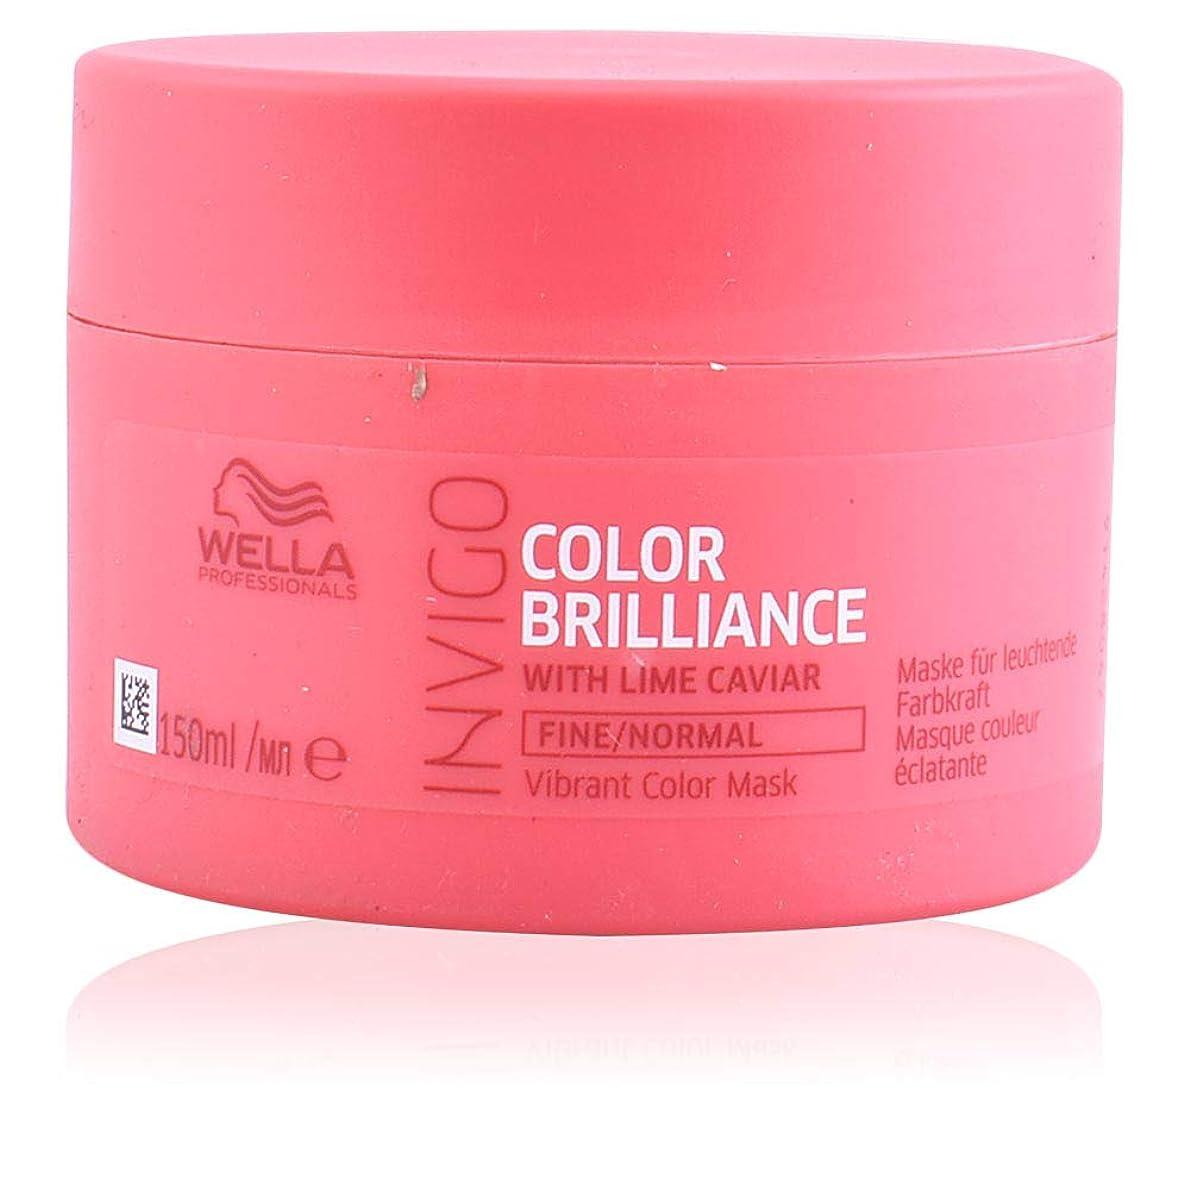 ぐるぐる最大限香港ウエラ インヴィゴ ファイン/ノーマル カラー マスク Wella Invigo Color Brilliance With Lime Caviar Fine/Normal Vibrant Color Mask 150 ml [並行輸入品]